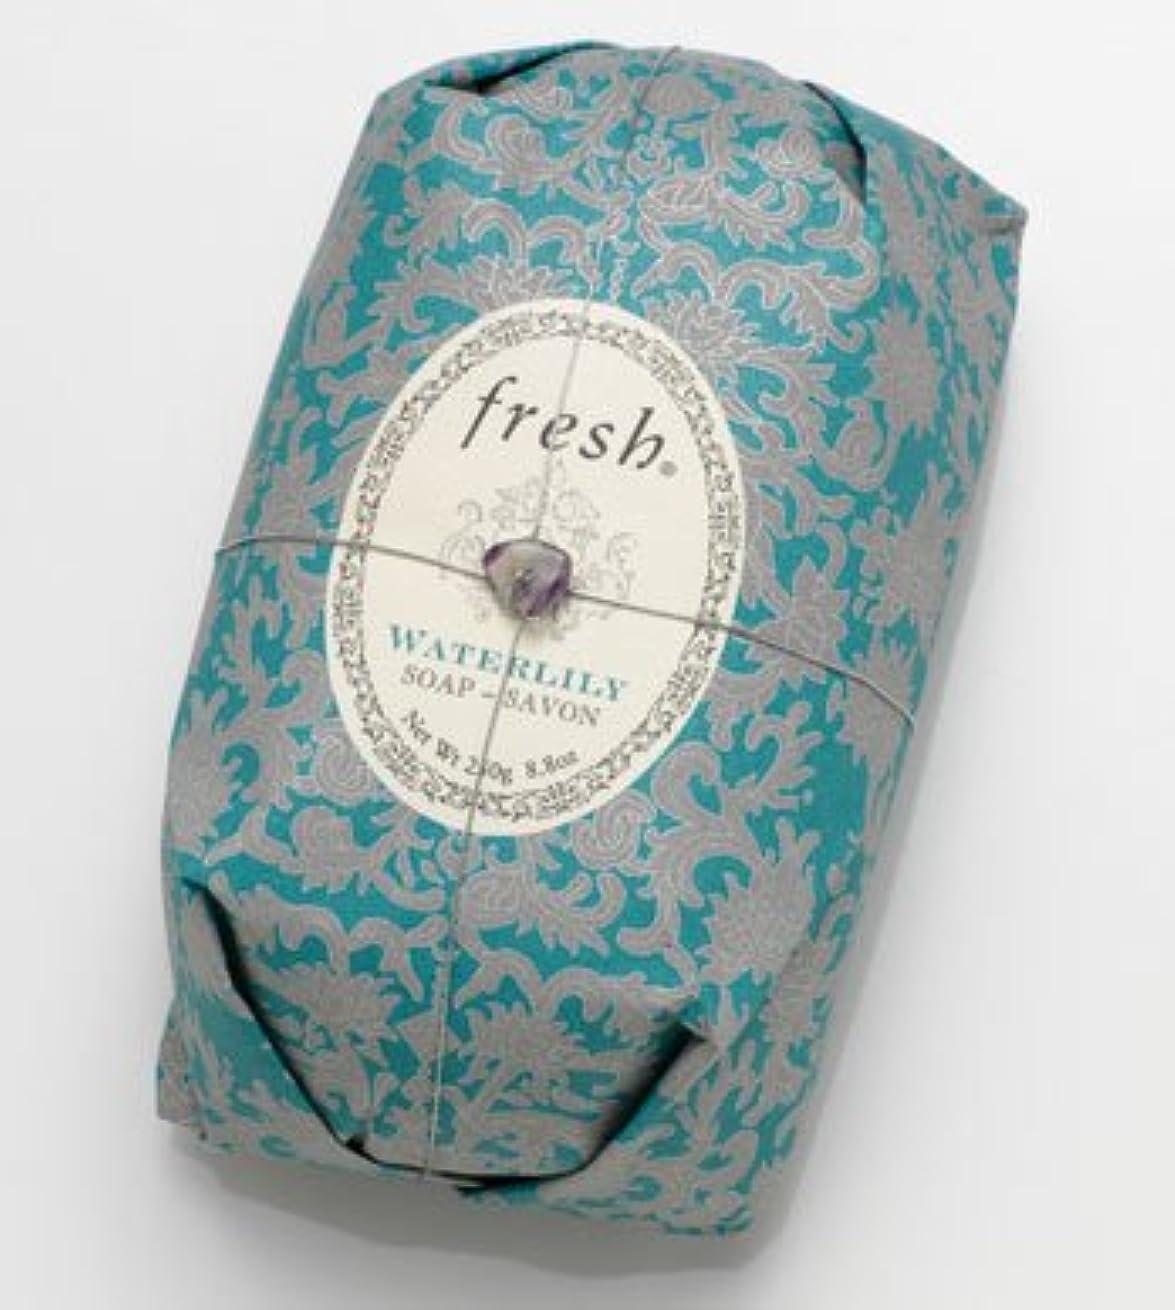 国貪欲薄いですFresh WATERLILY SOAP (フレッシュ ウオーターリリー ソープ) 8.8 oz (250g) Soap (石鹸) by Fresh